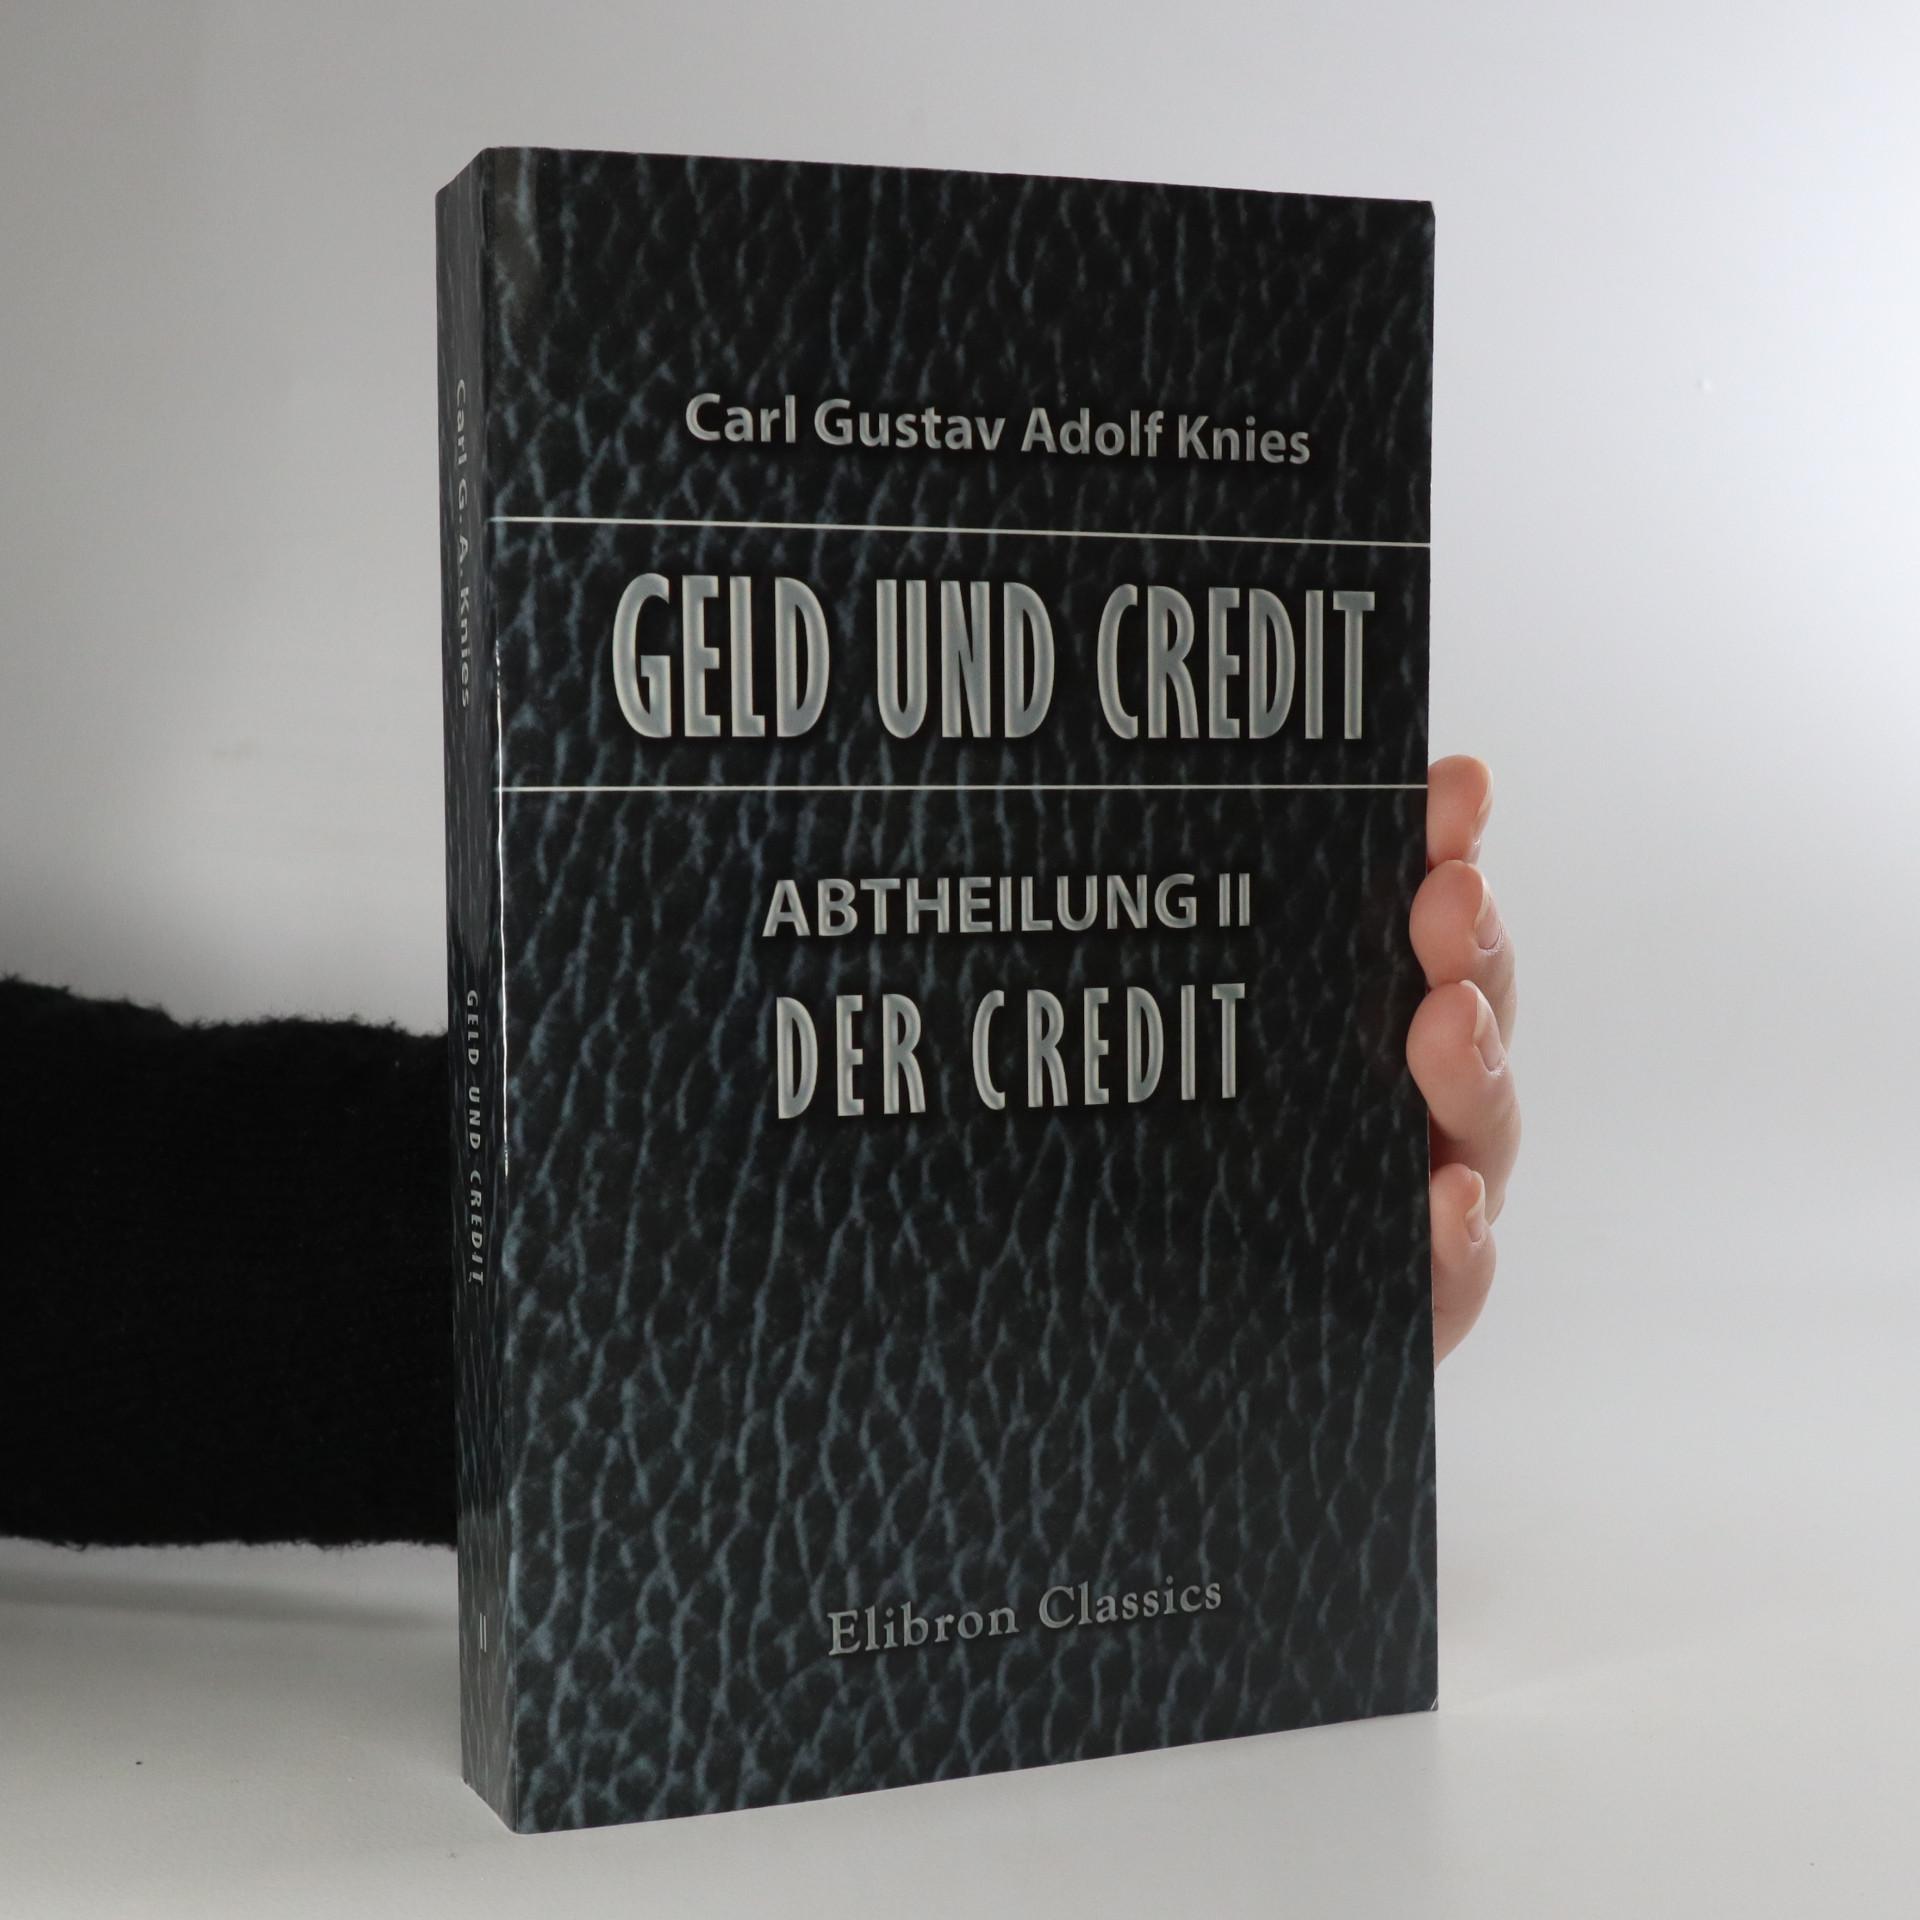 antikvární kniha Geld und Credit. Abtheilung II, neuveden